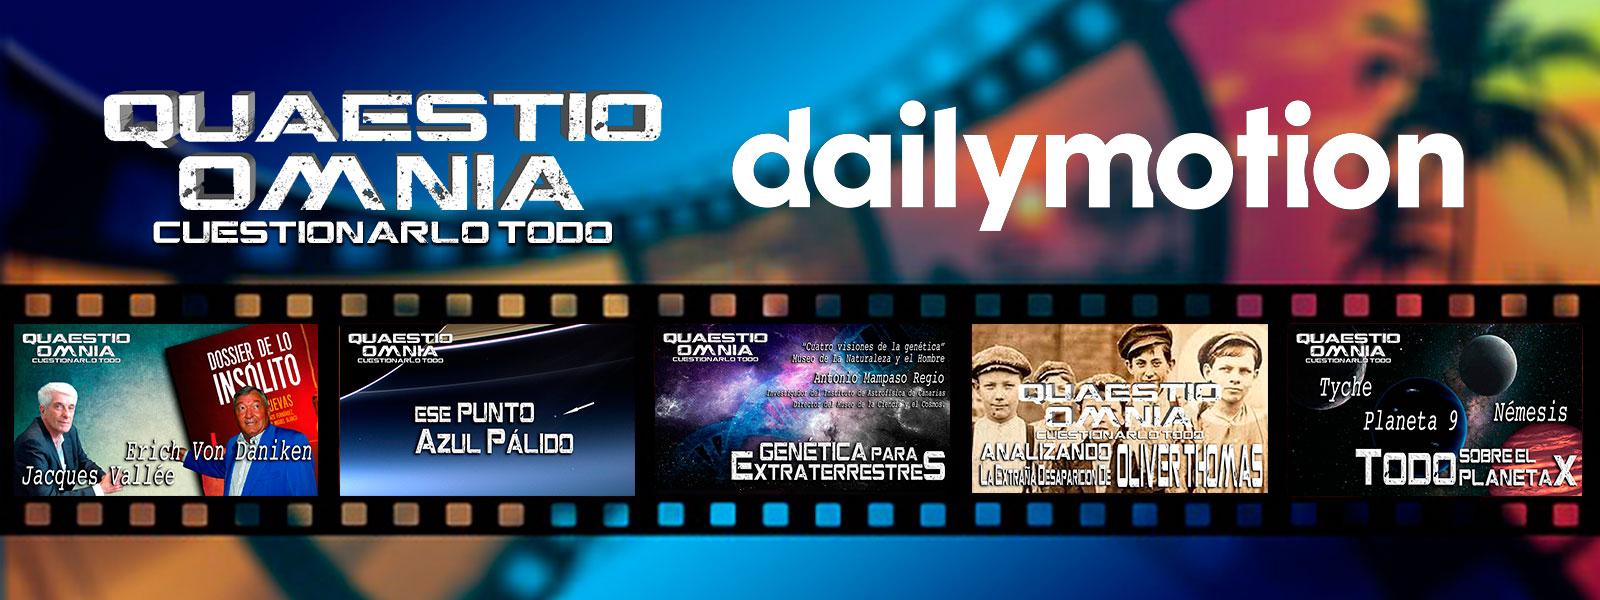 Quaestio Omnia en Dailymotion